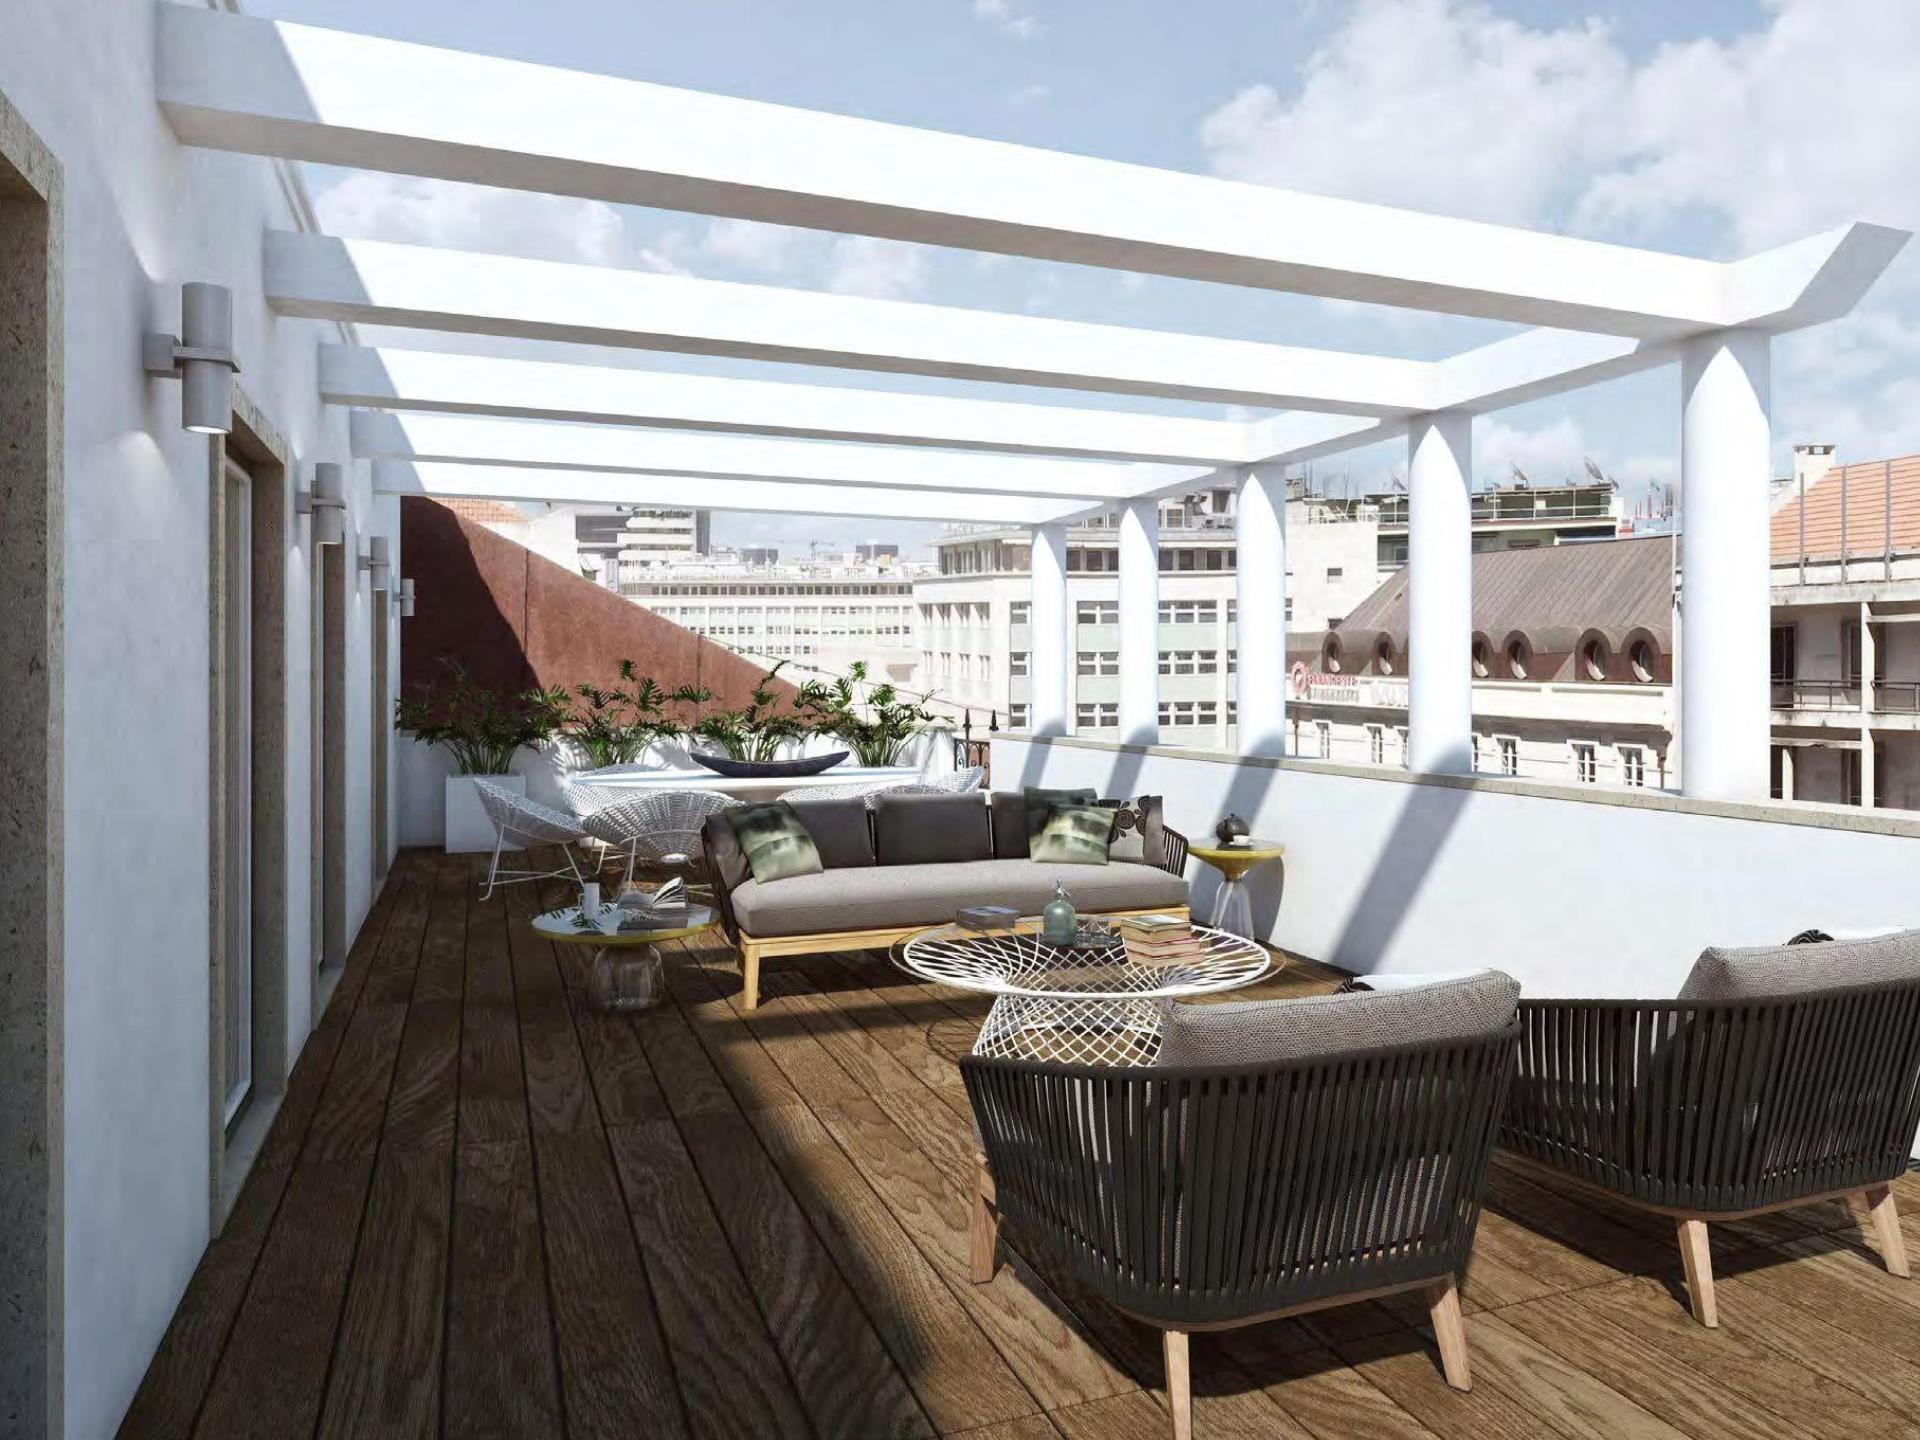 Duplex de Luxo 3 quartos / Lisboa, Avenidas Novas